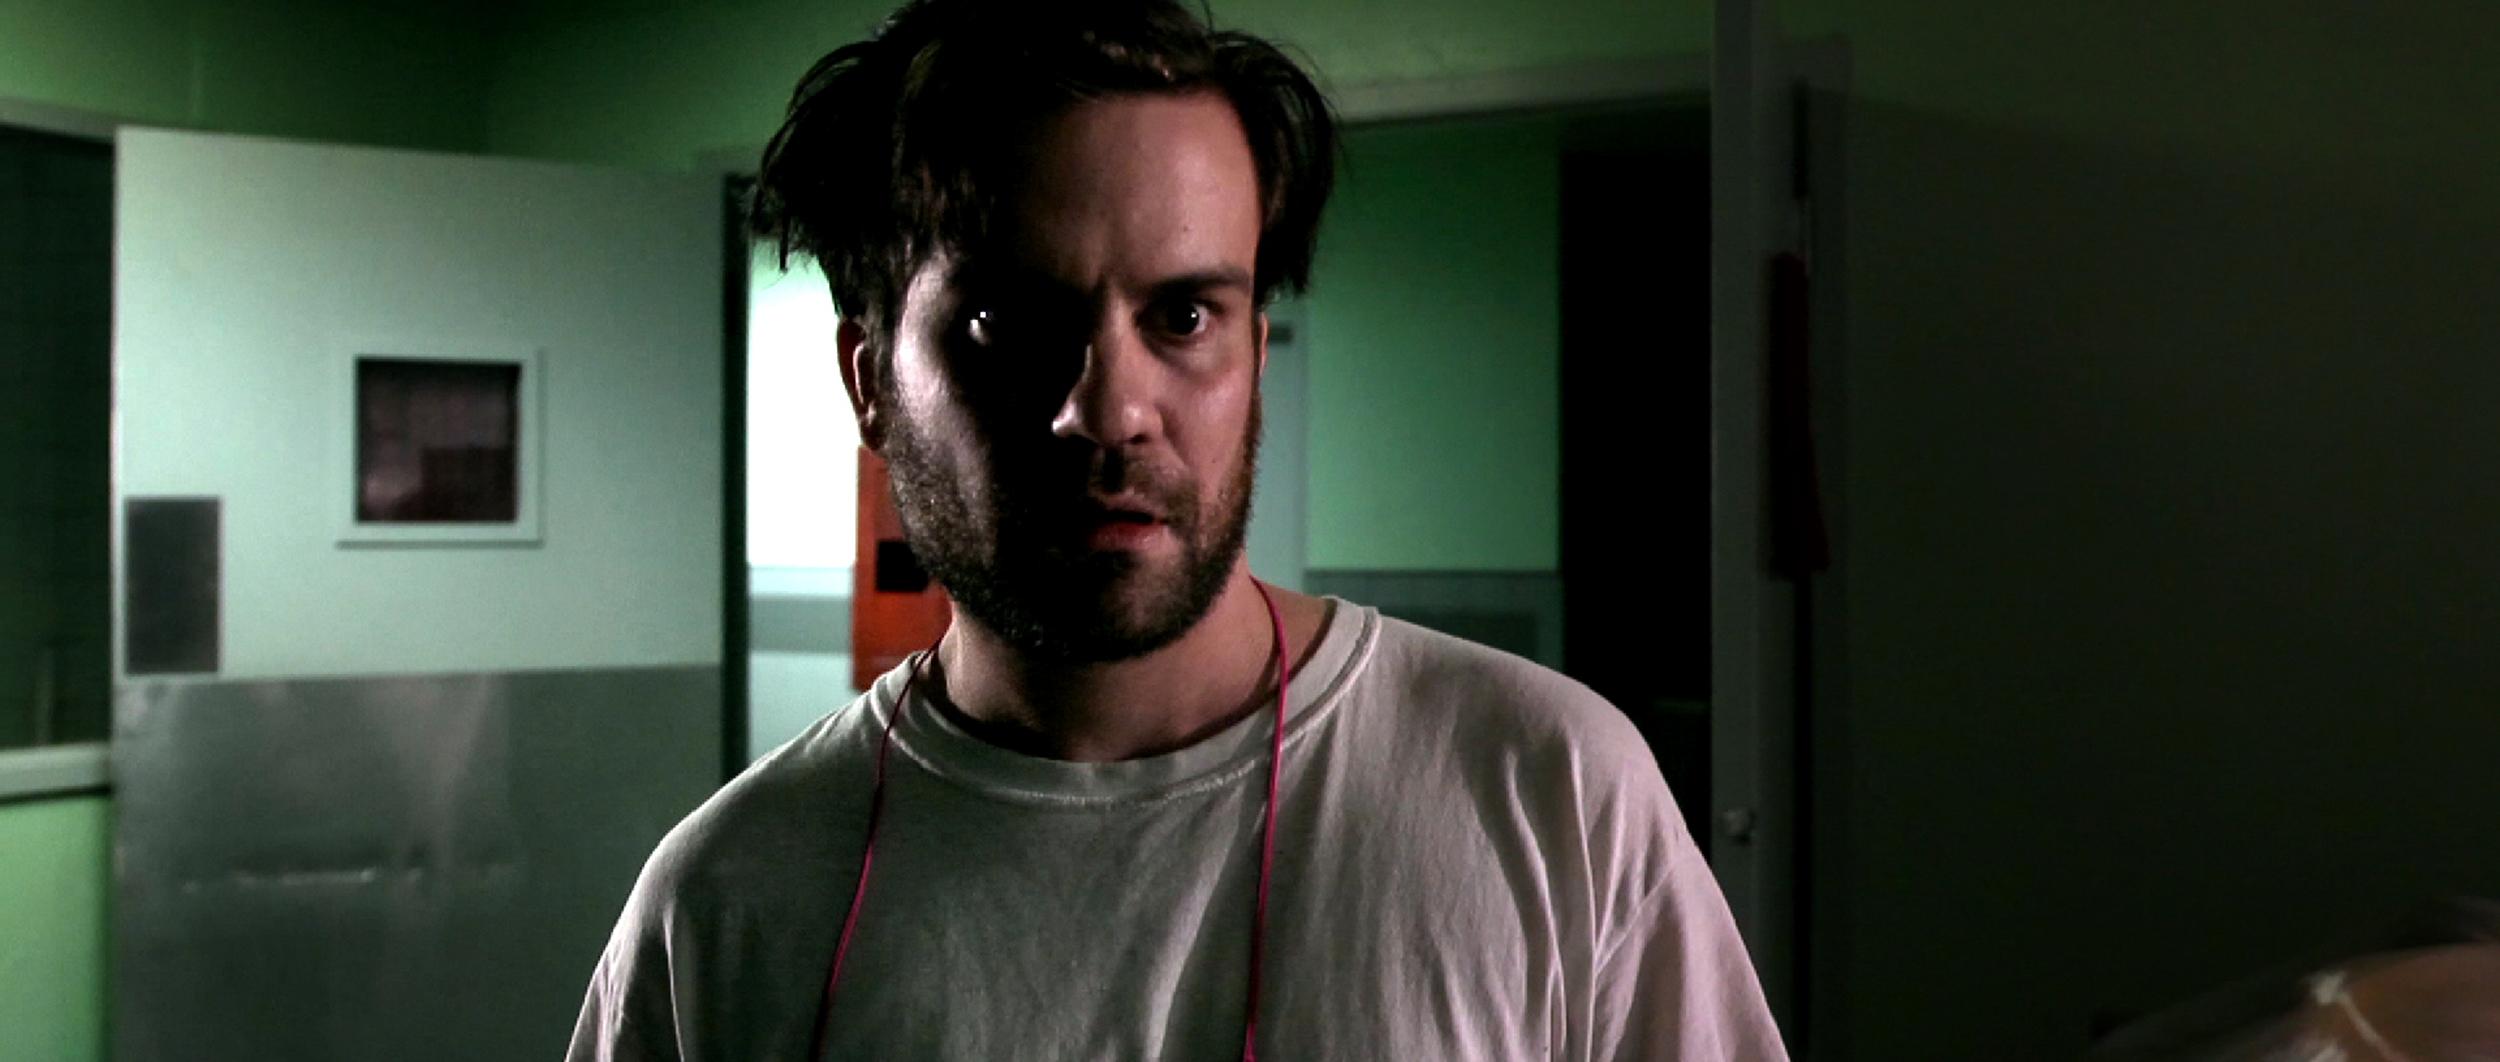 Paul, the morgue attendant.